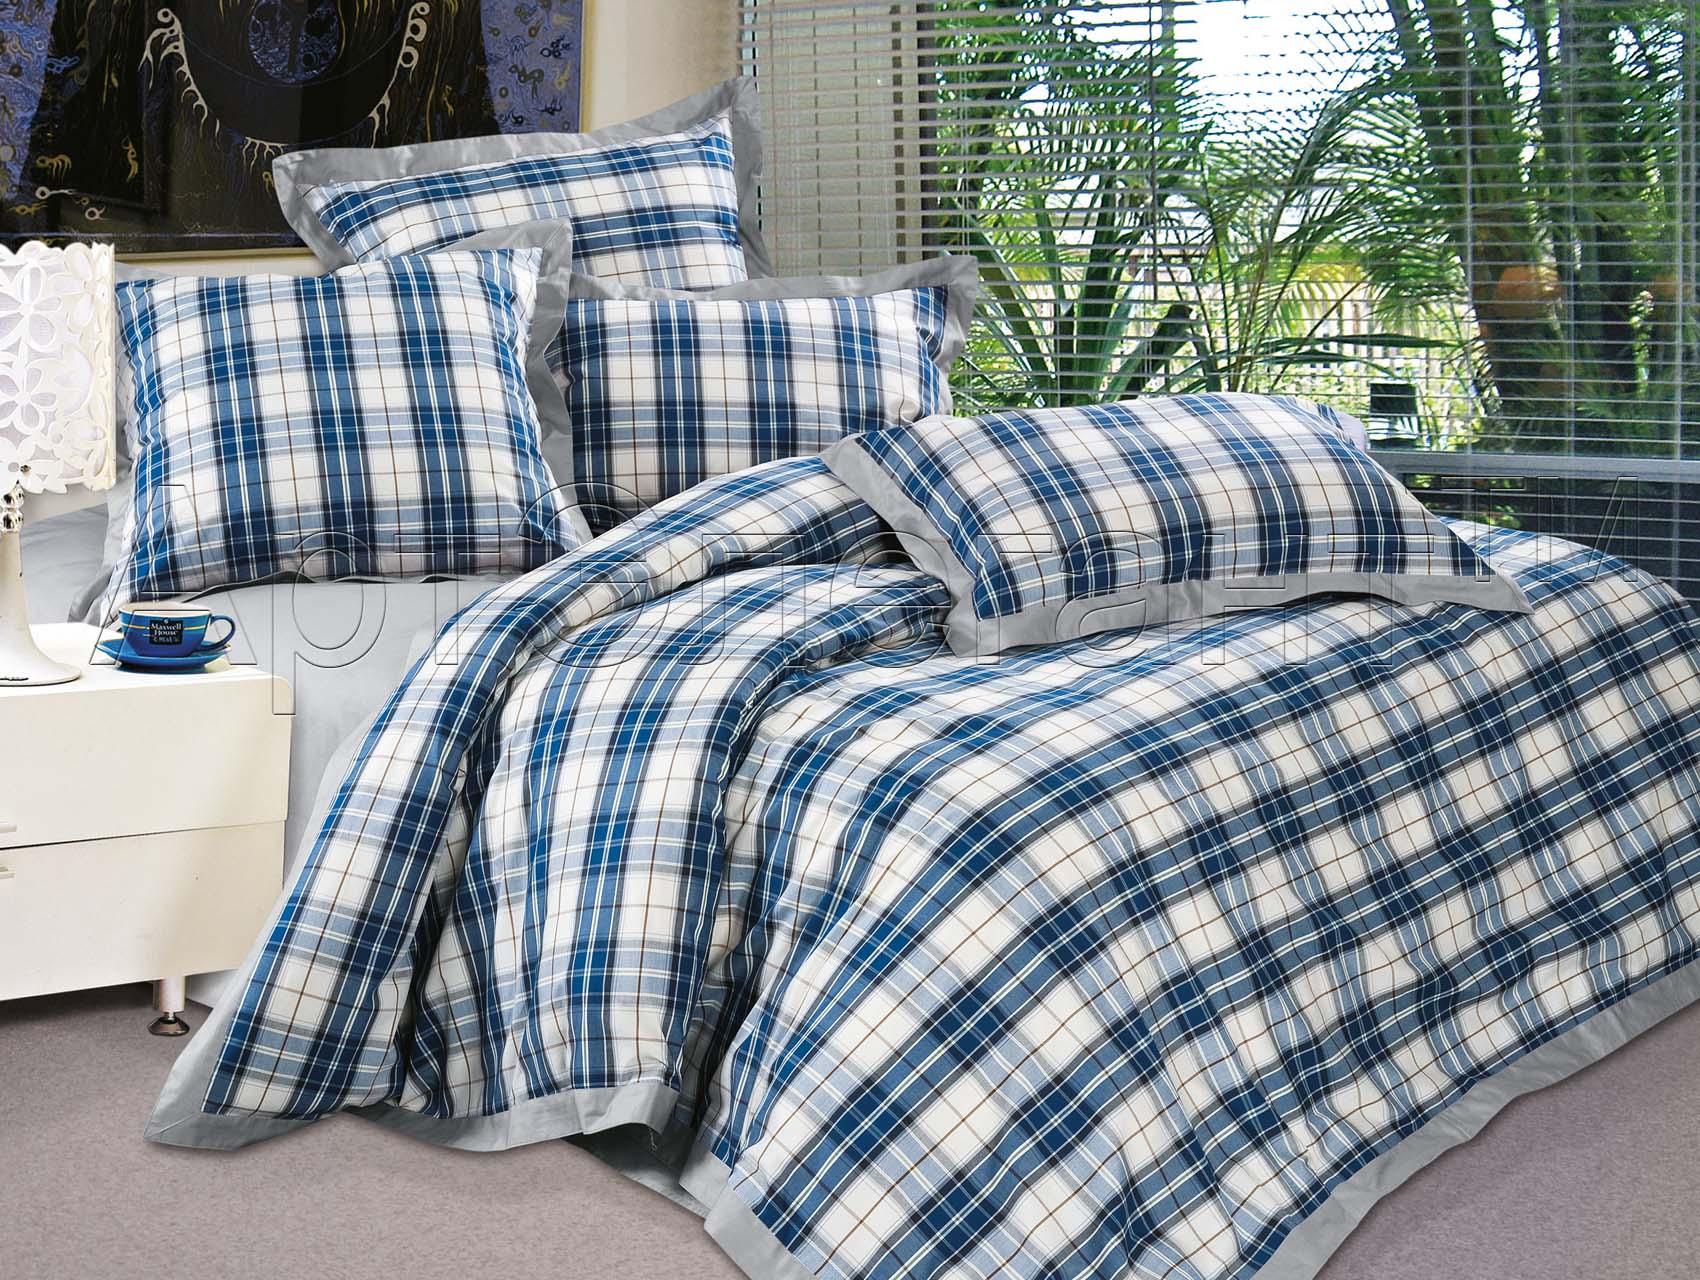 Комплект  Орлеан , размер 2,0-спальный с 4 наволочками - Постельное белье артикул: 10642